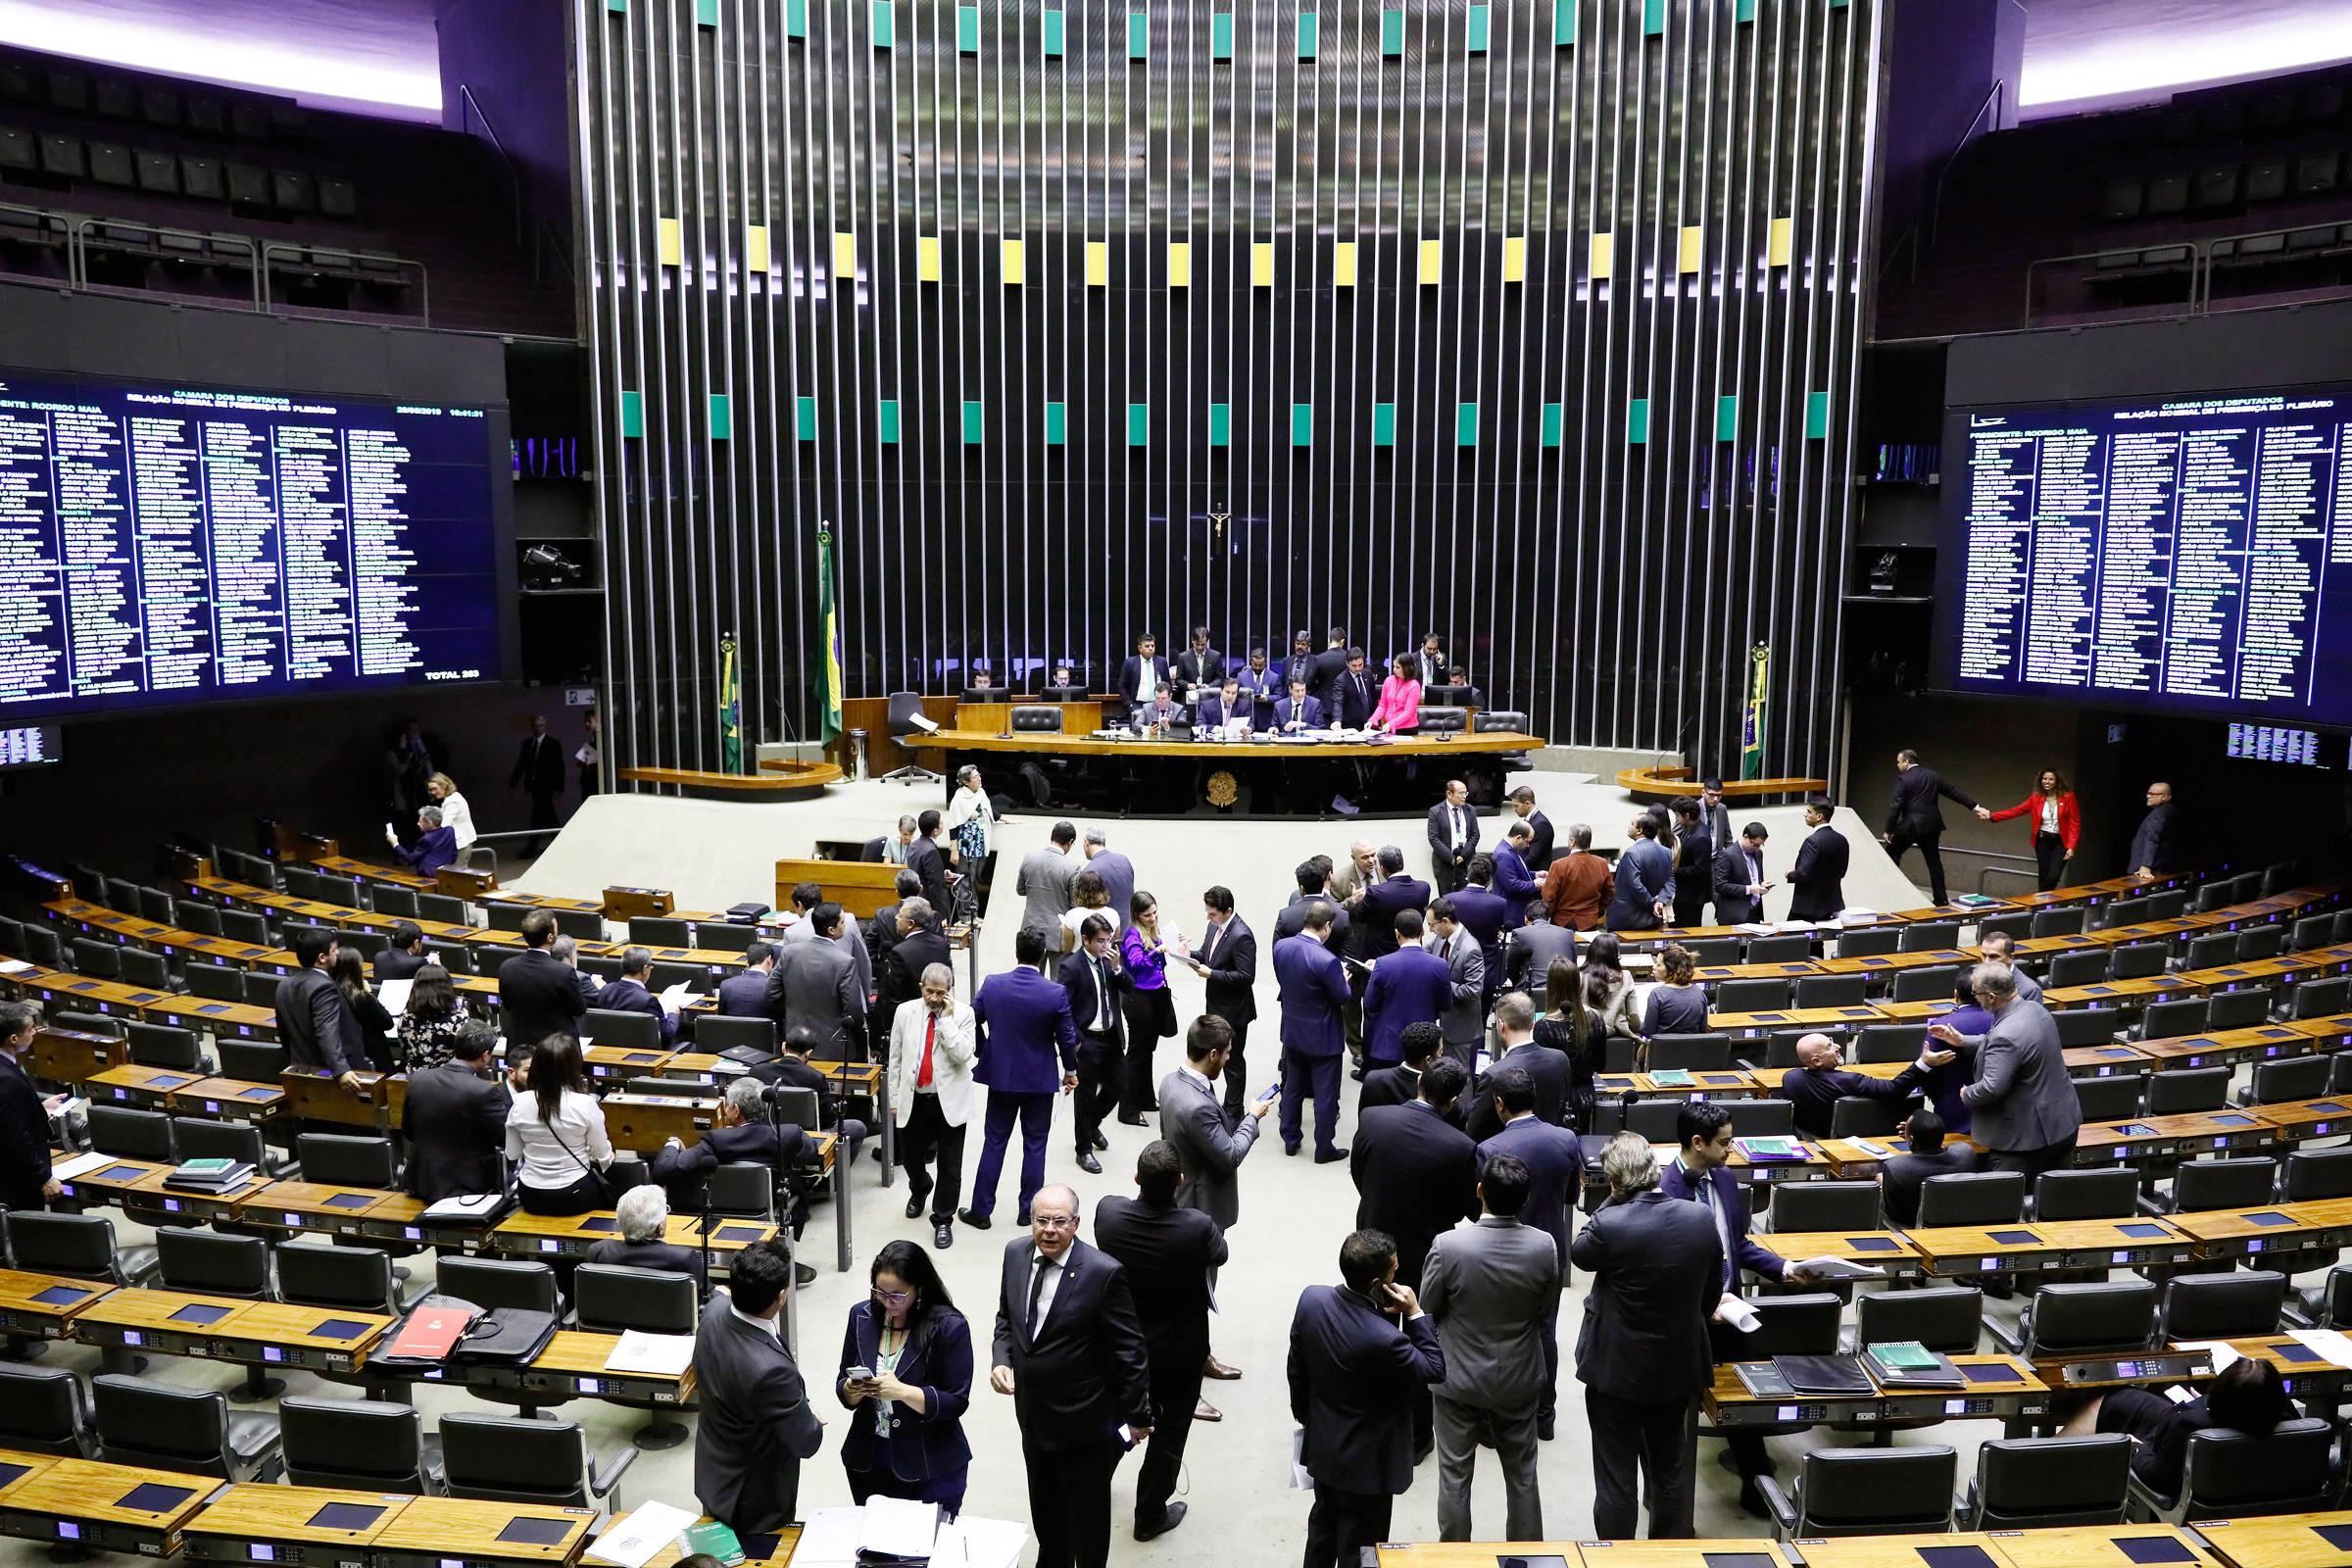 Dos 49 deputados federais da comissão, 23 apoiam nova versão da Previdência